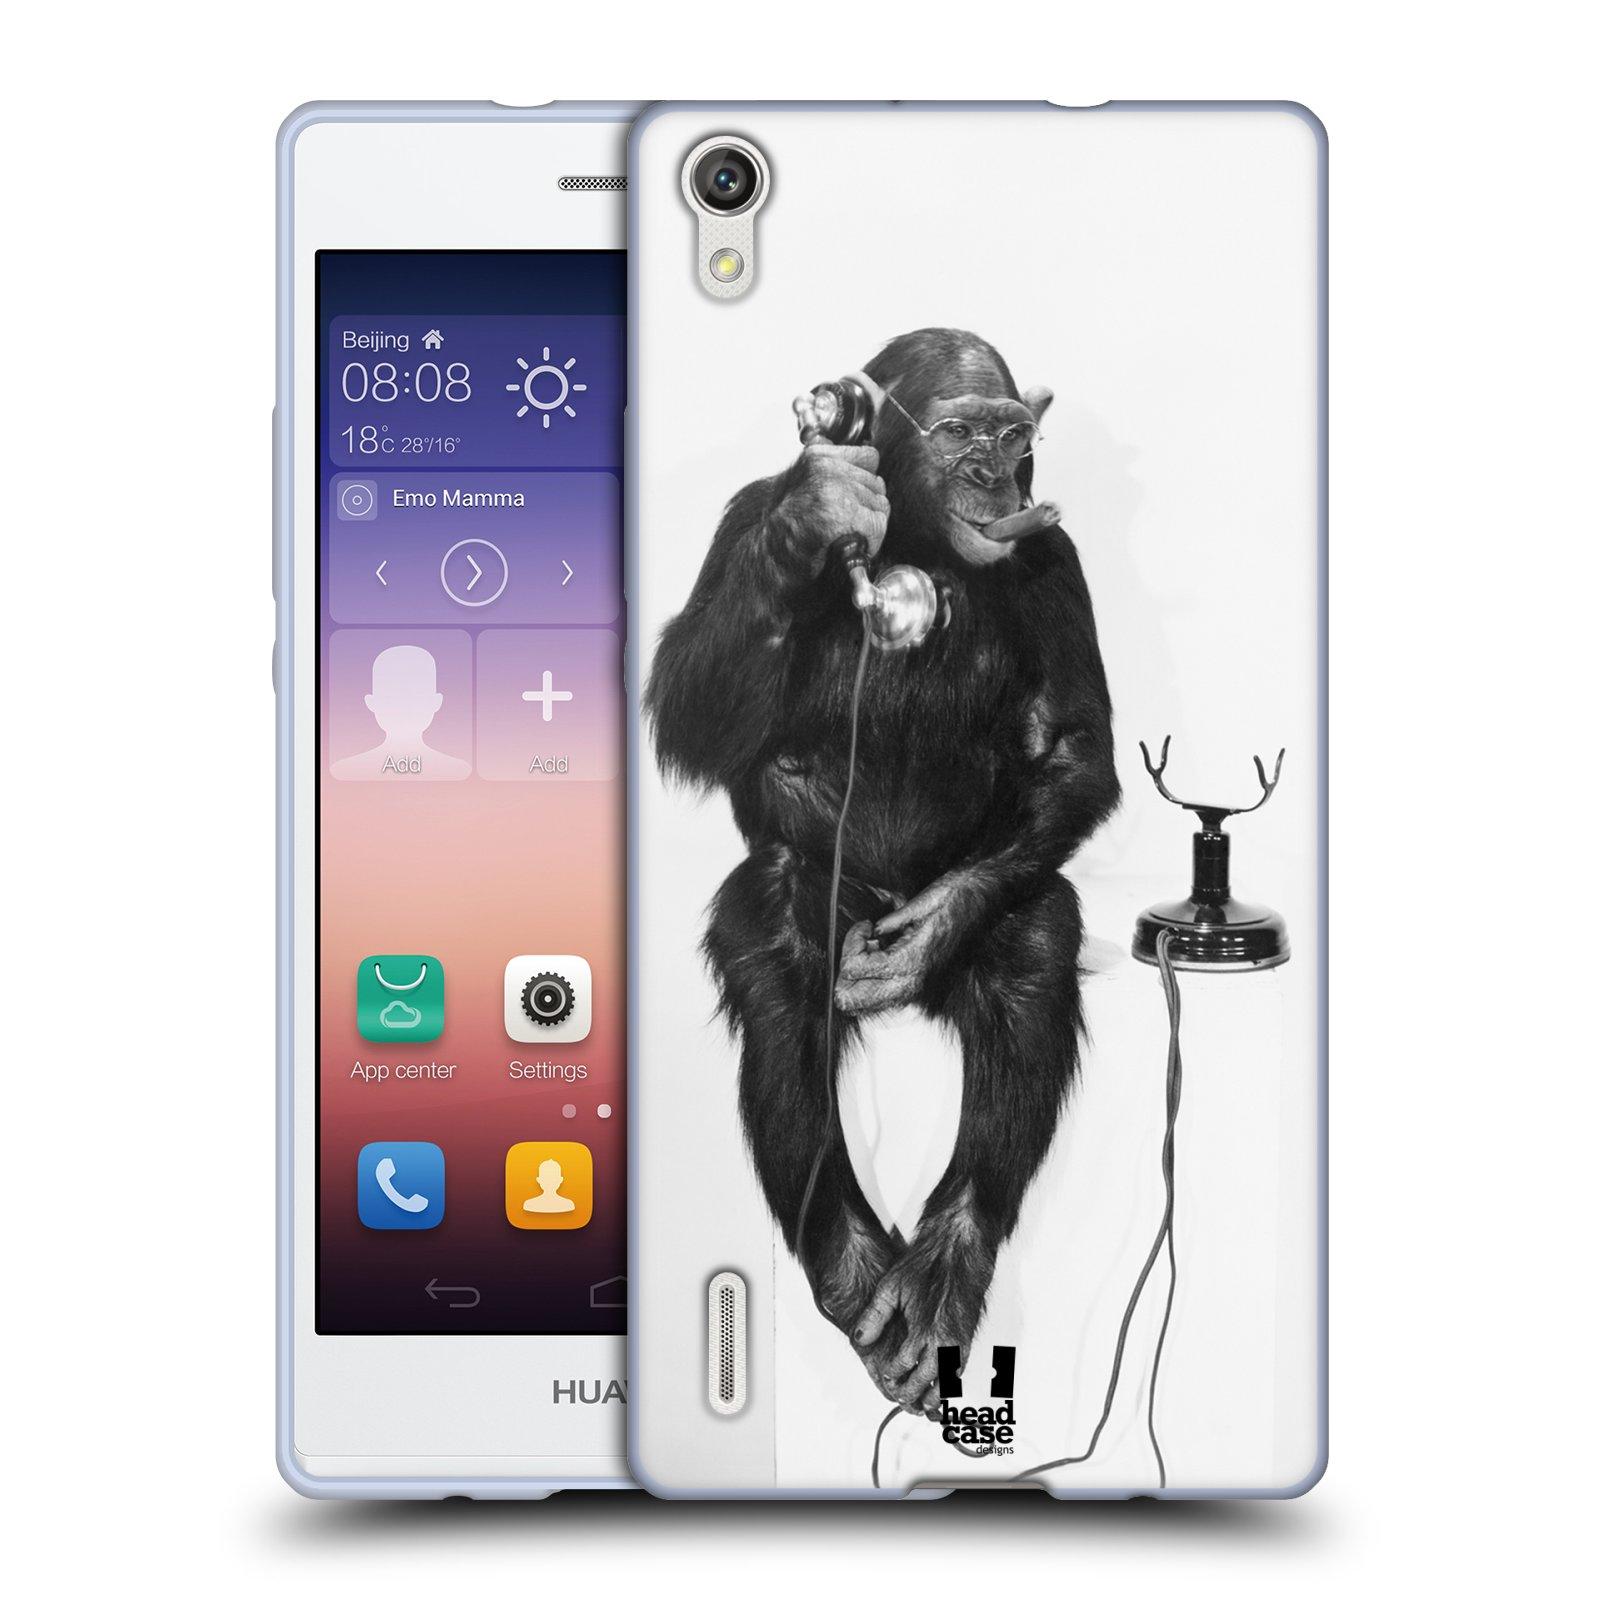 HEAD CASE silikonový obal na mobil HUAWEI Ascend P7 vzor Legrační zvířátka opička se sluchátkem